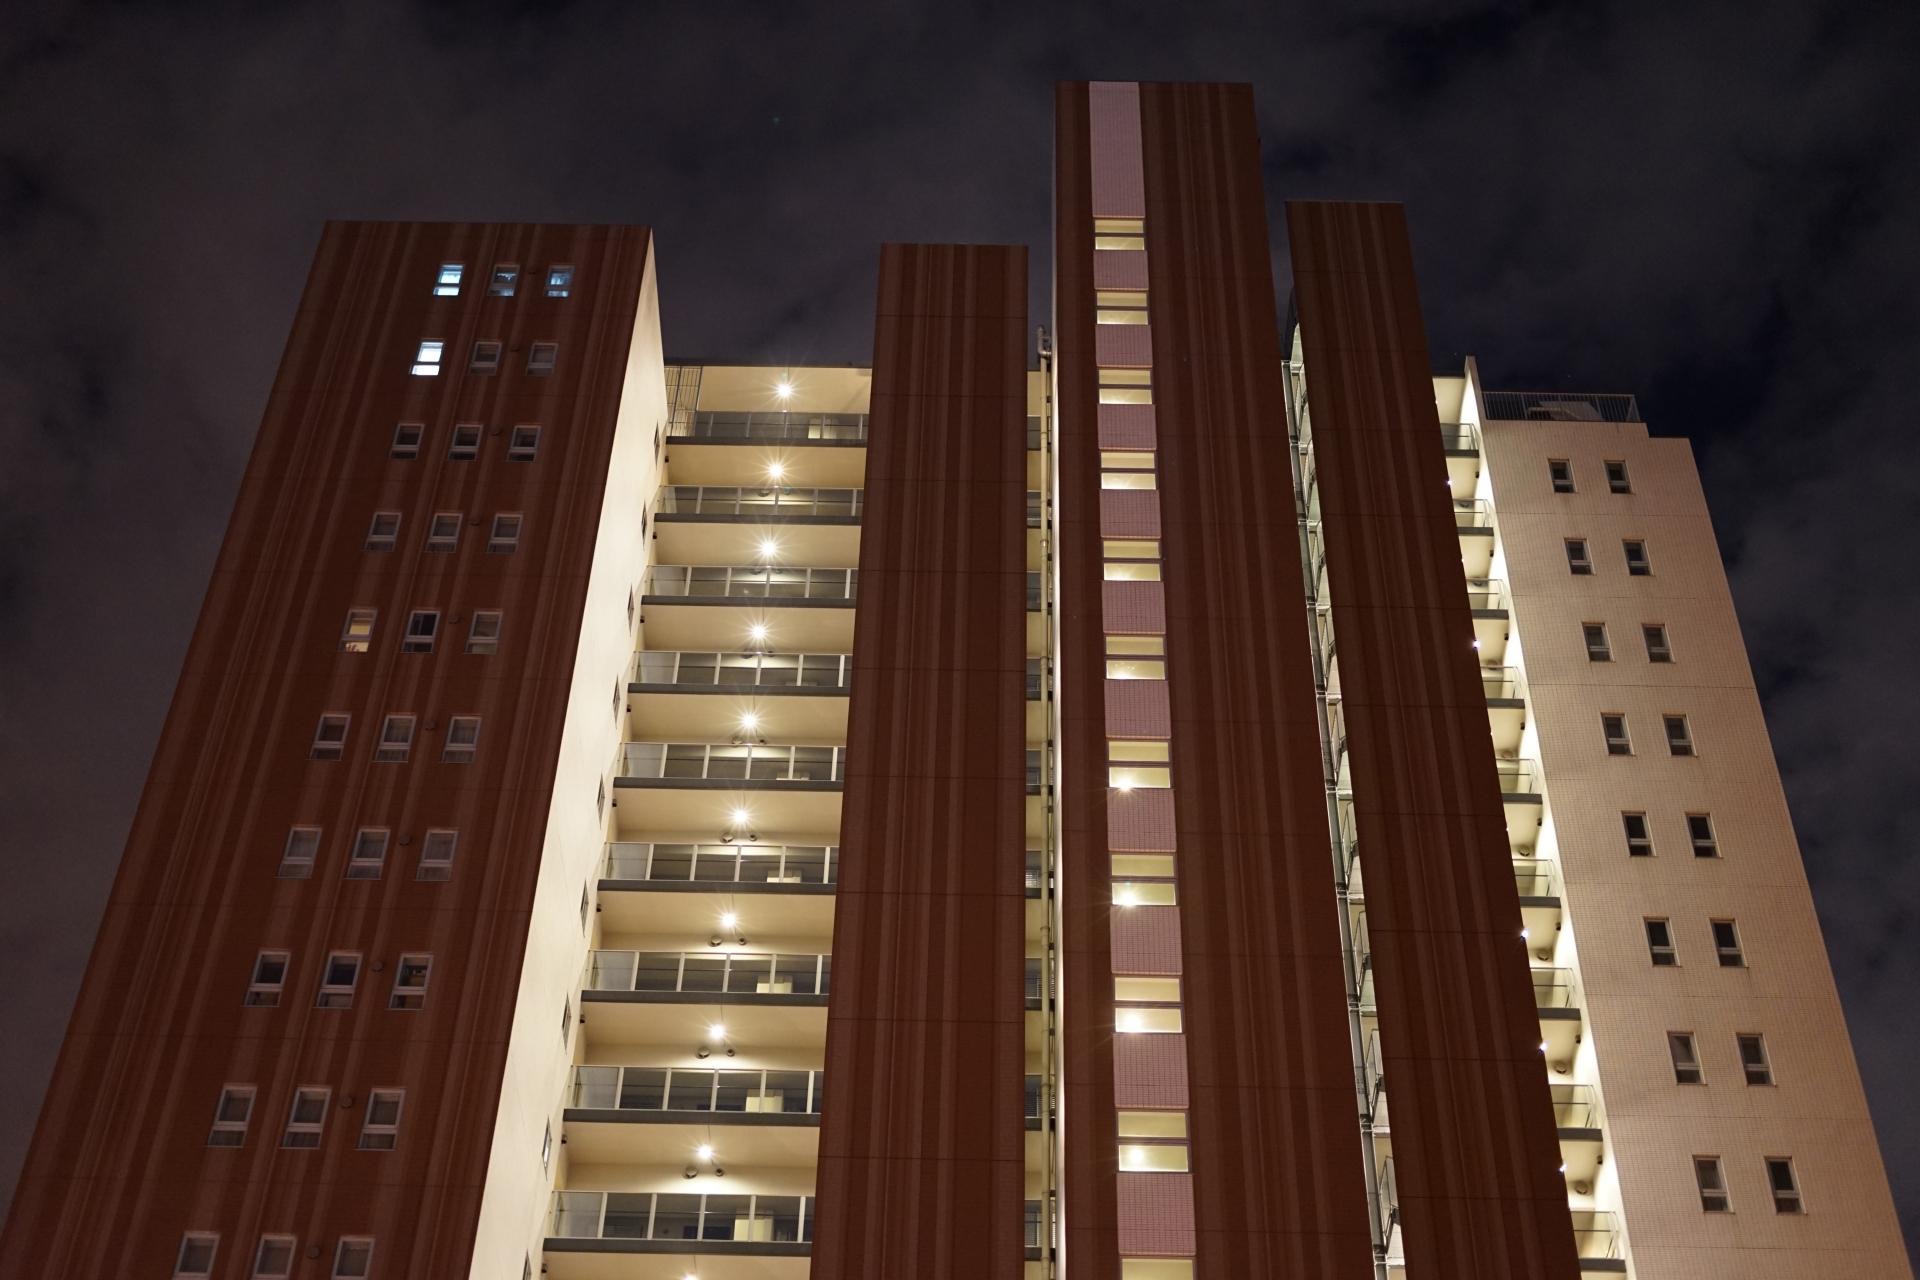 [8986]日本賃貸住宅投資法人の価格・分配金・保有物件・特徴について